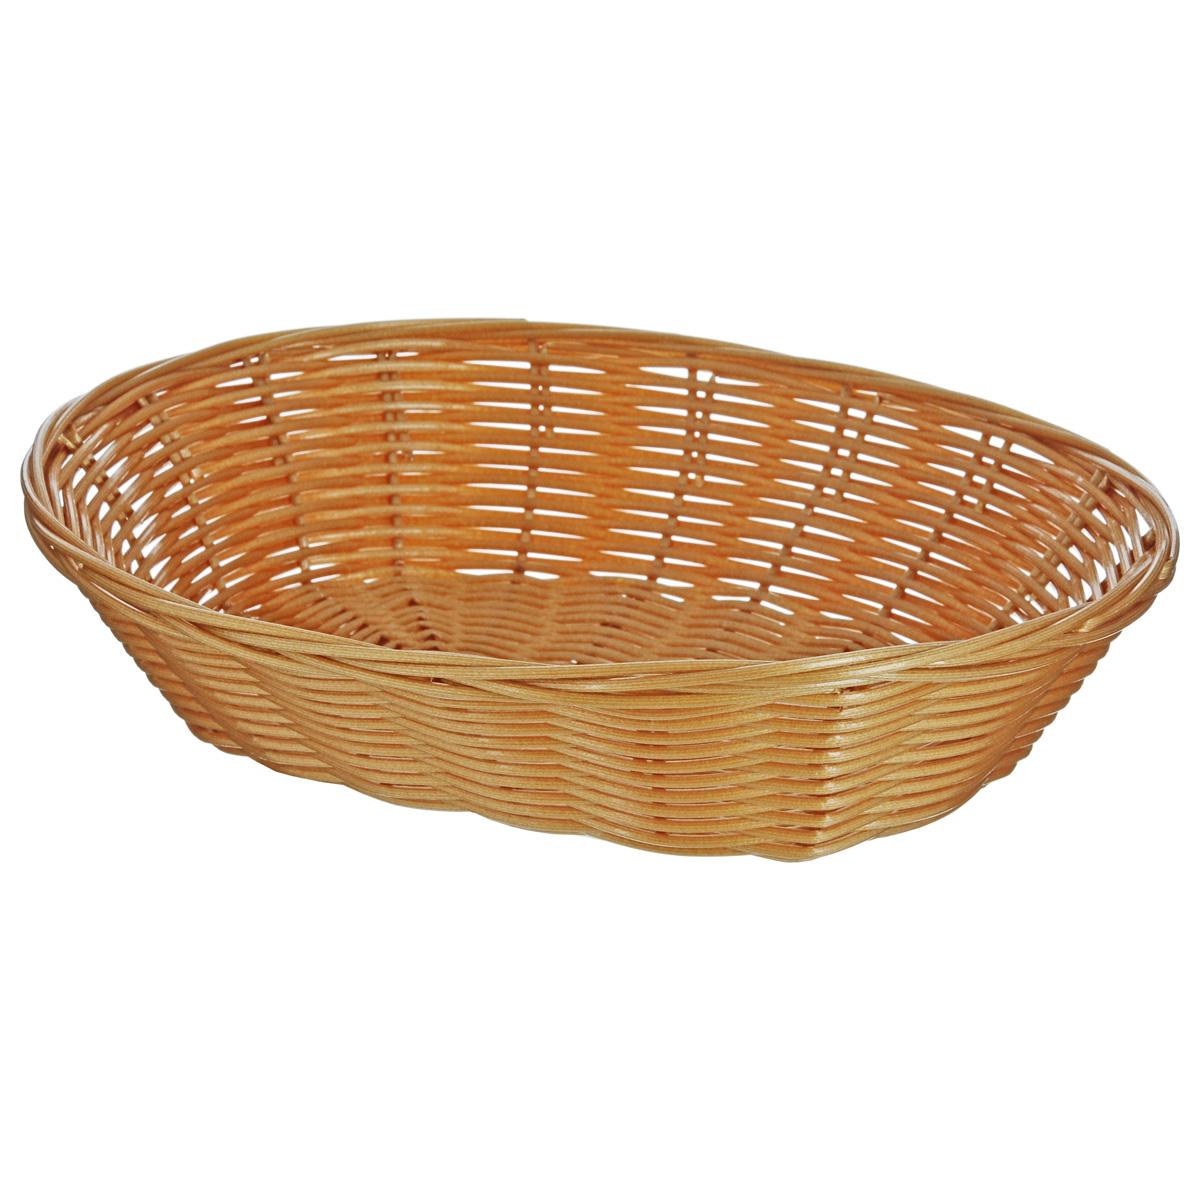 Корзинка для хлеба Kesper, 20,5 см х 17,5 см х 5 см. 1783-2 kesper поднос kesper 4115 2 j 2 wgkqm